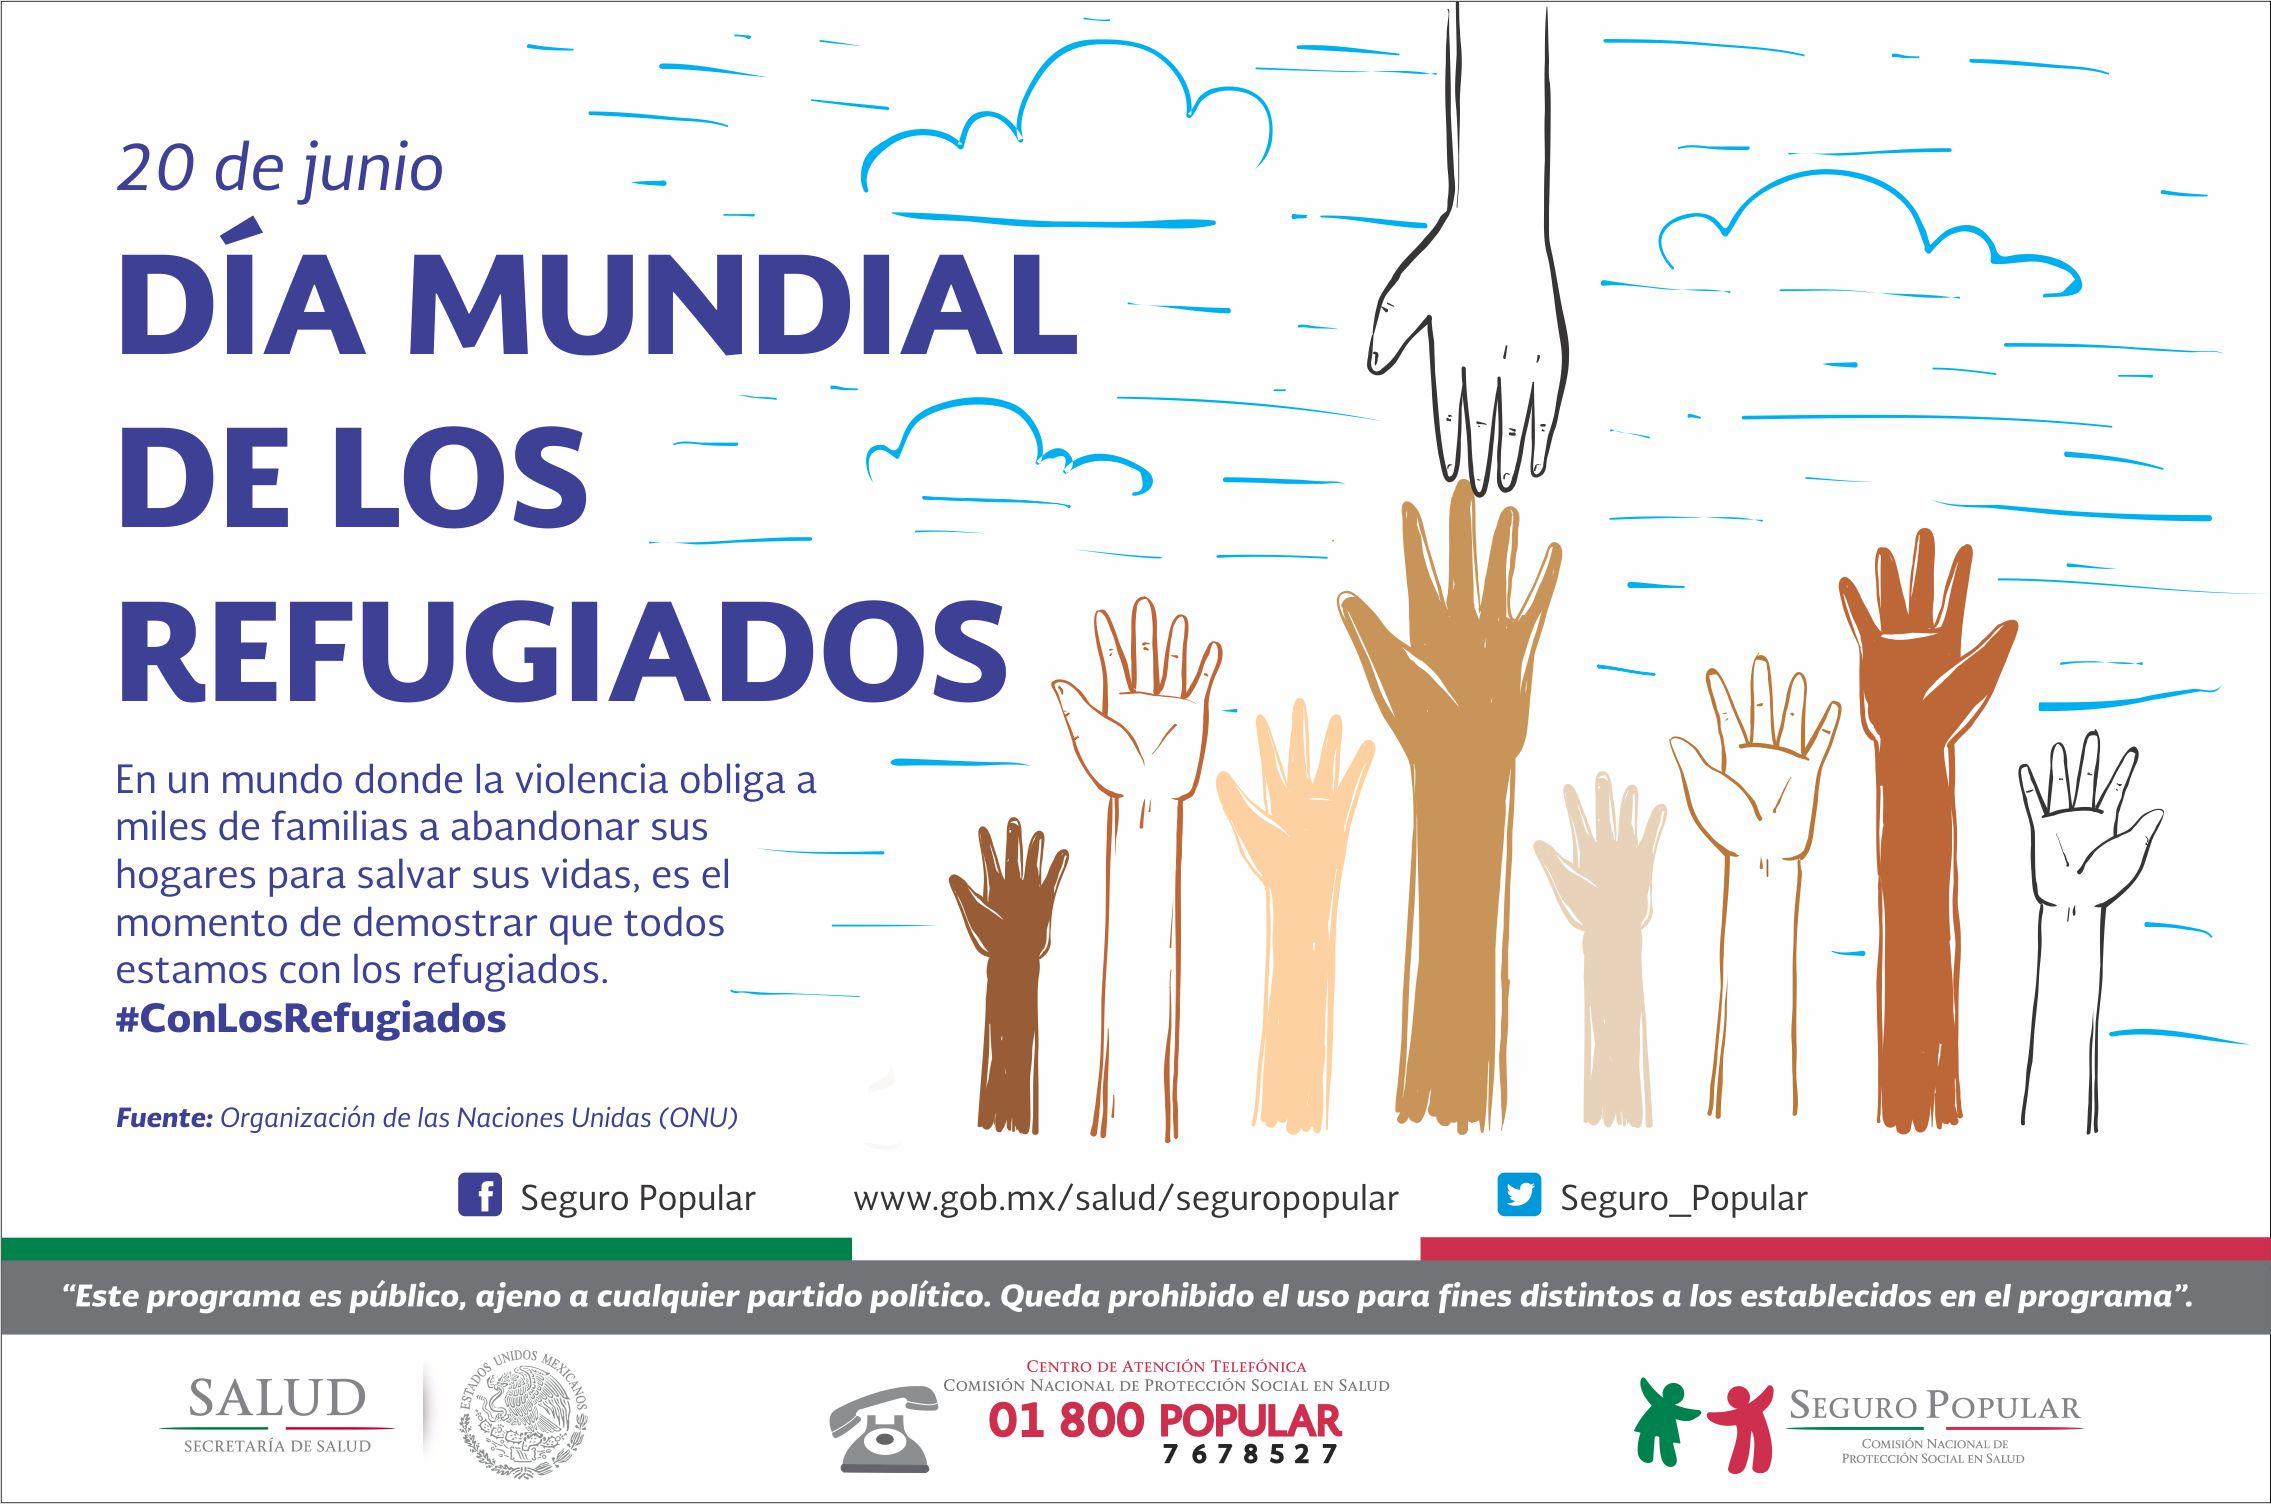 20 de junio, Día Mundial de los Refugiados.